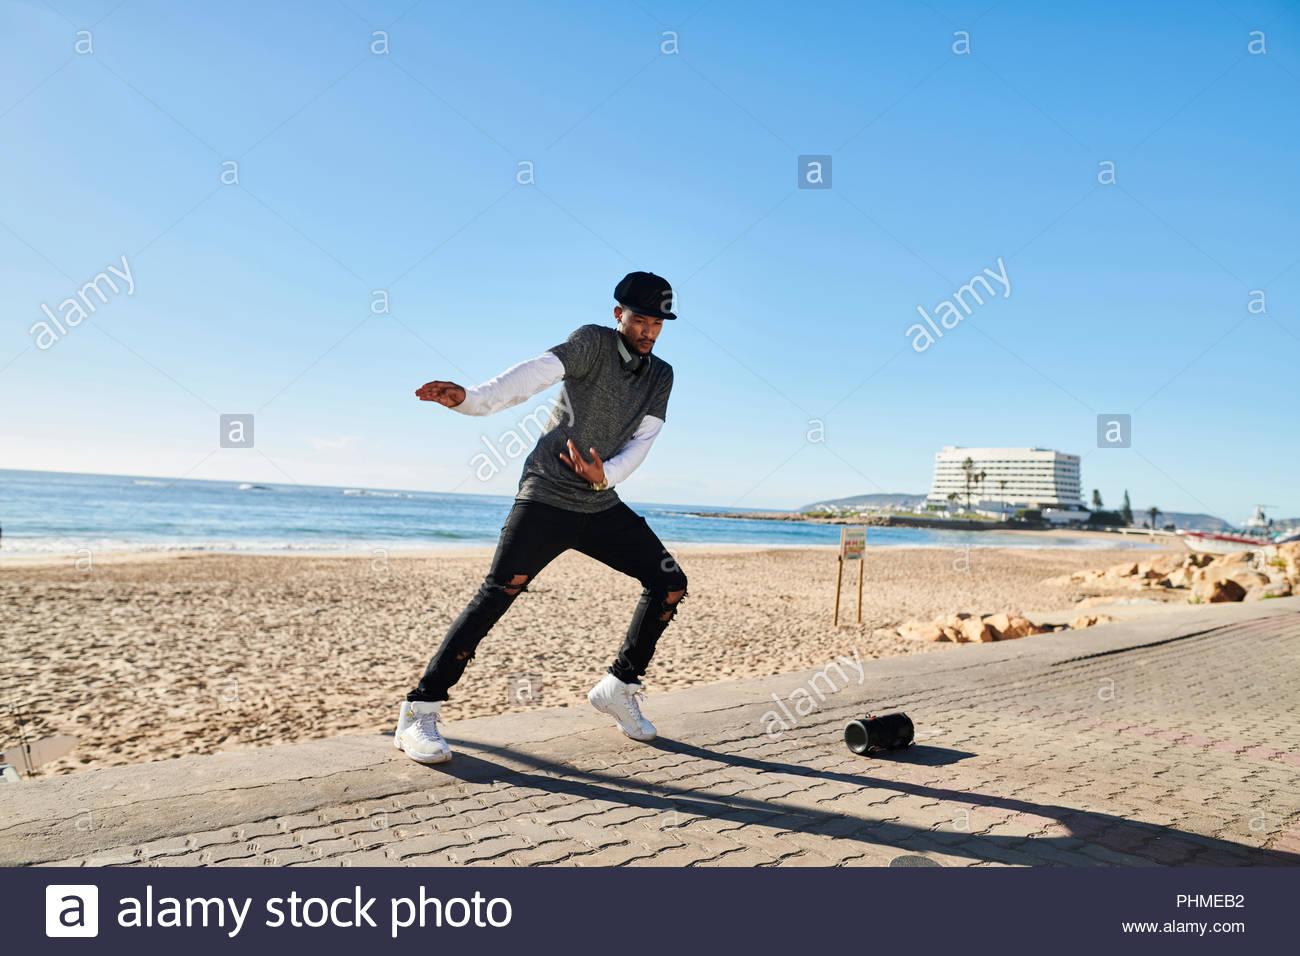 Joven break dancing por playa Imagen De Stock